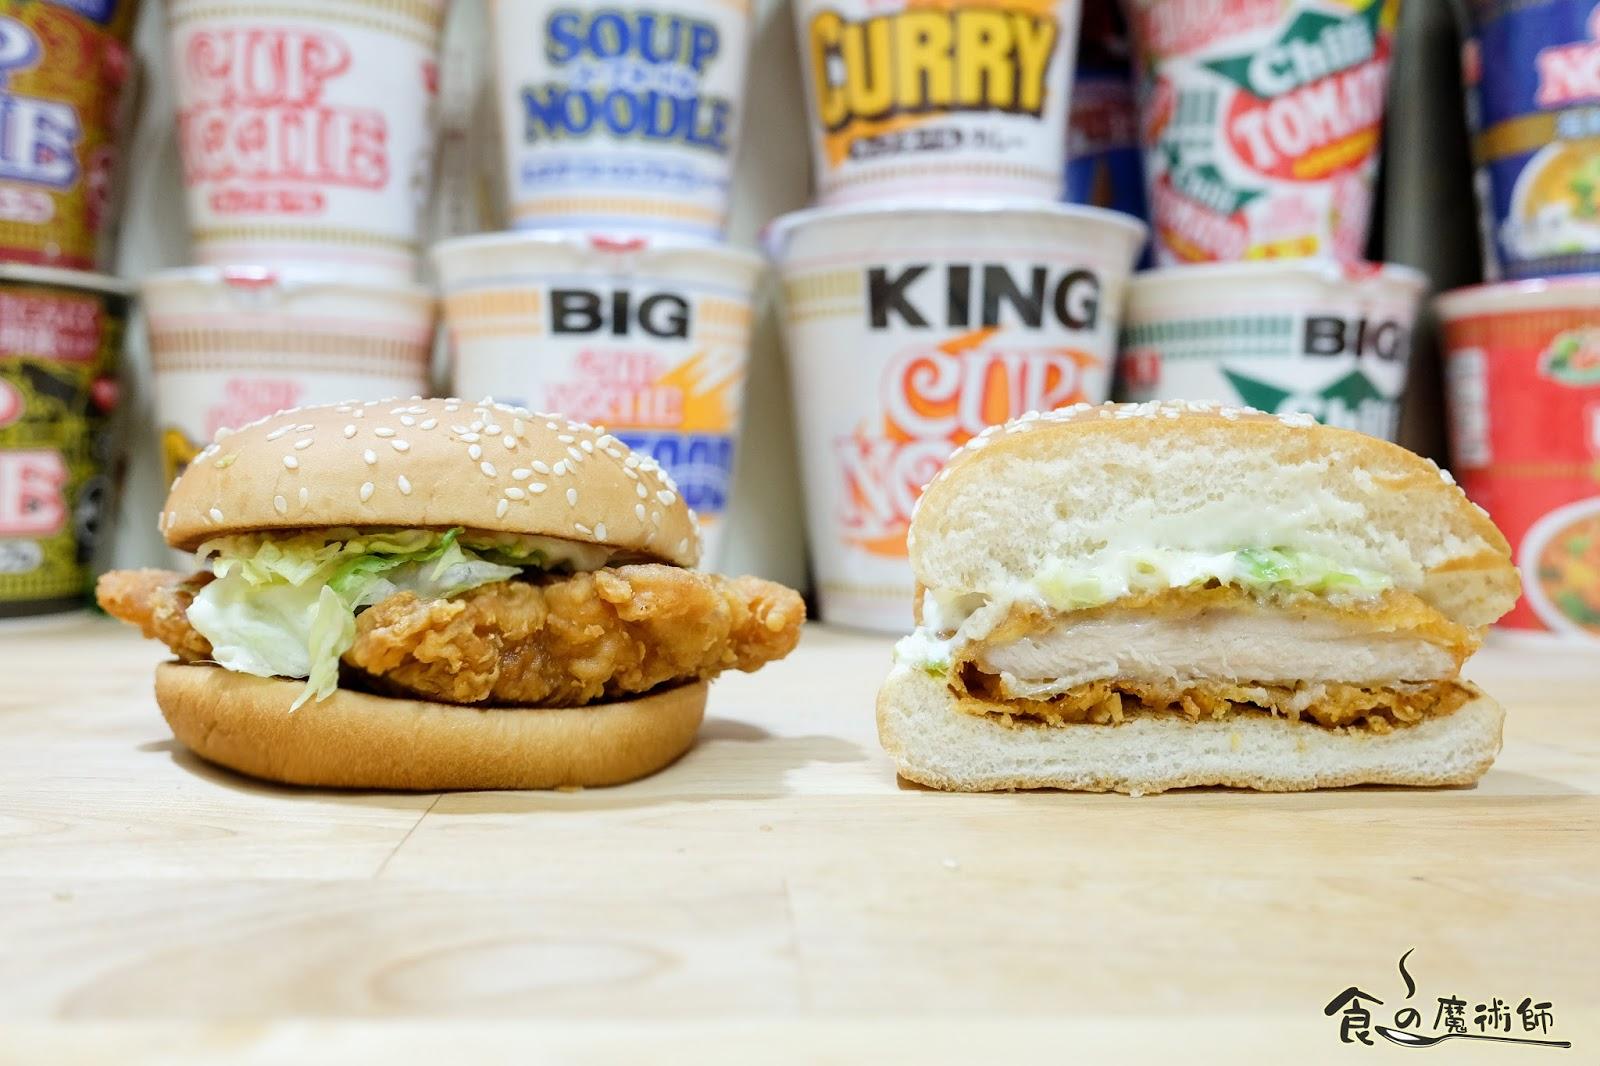 麥當勞「勁辣雞腿堡」| McSpicy Chicken Burger